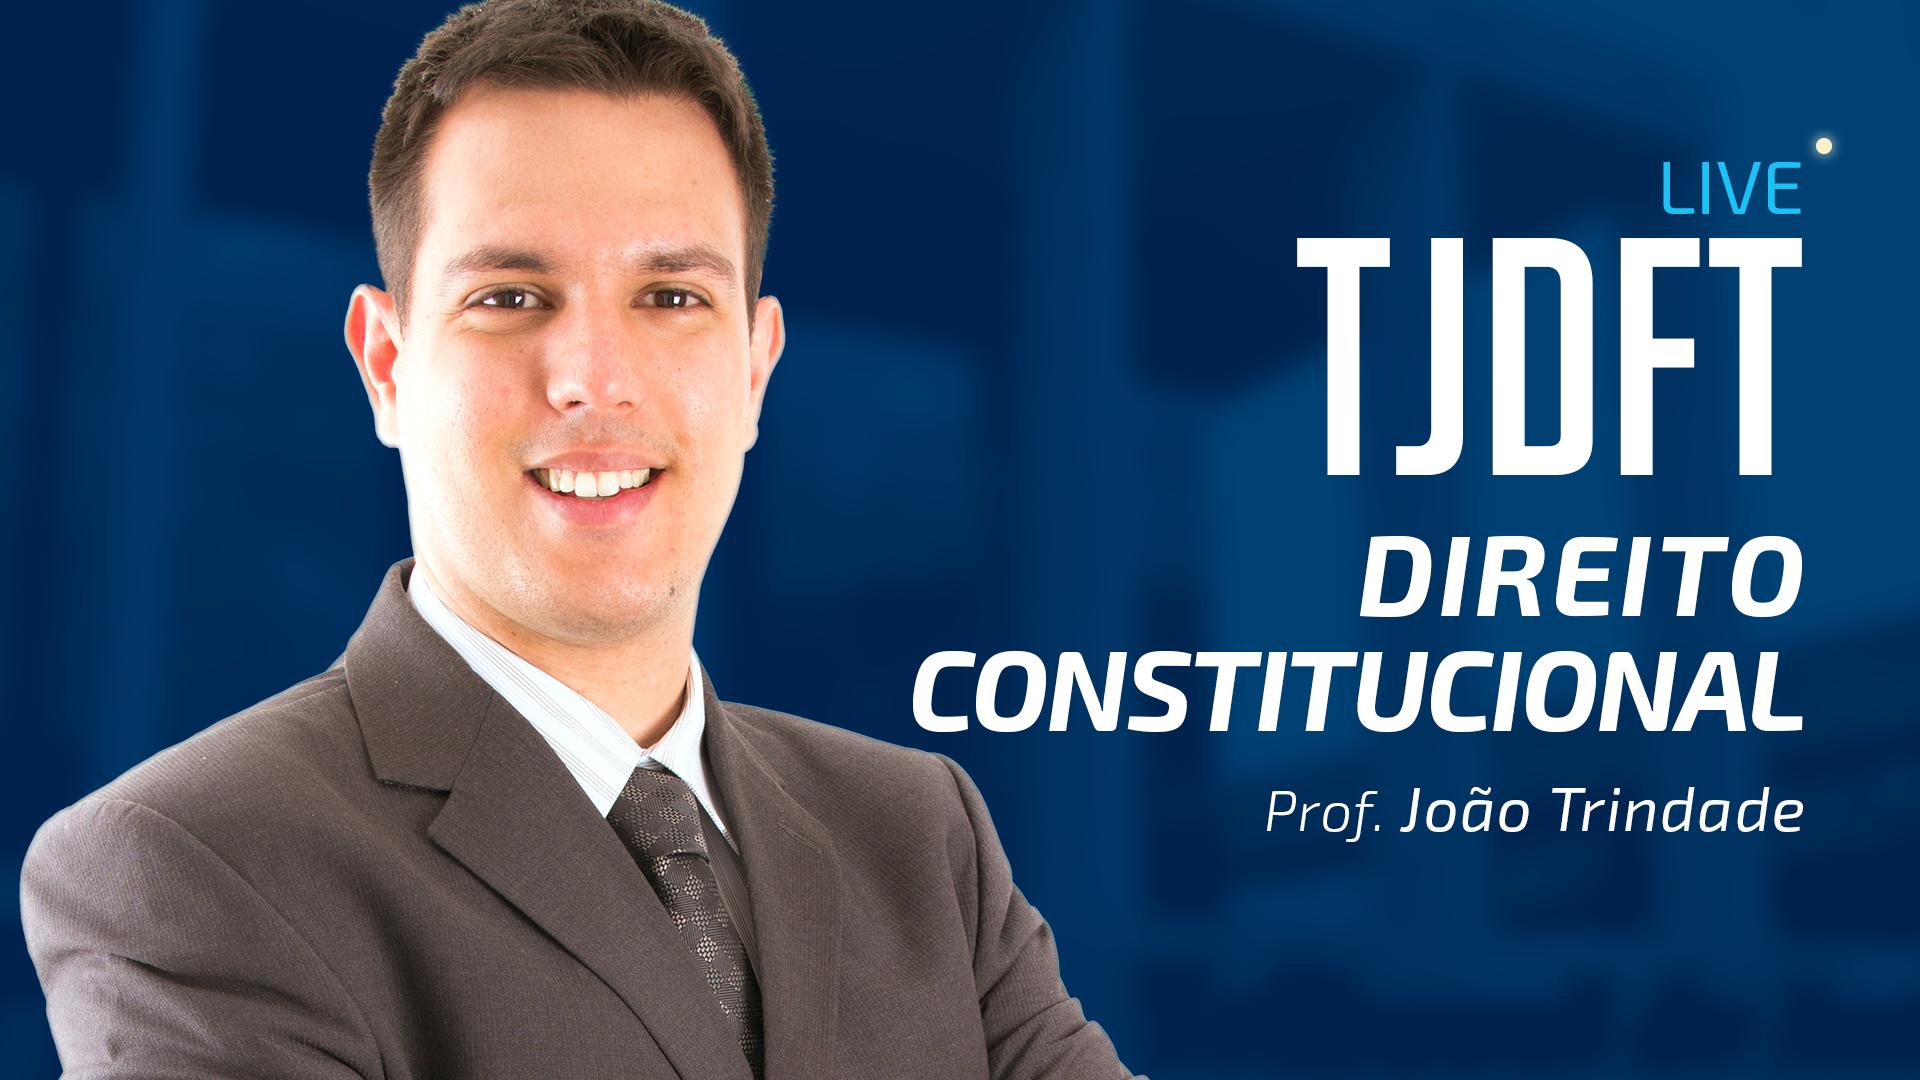 Semana de Jurisprudência TJDFT - Direito Constitucional